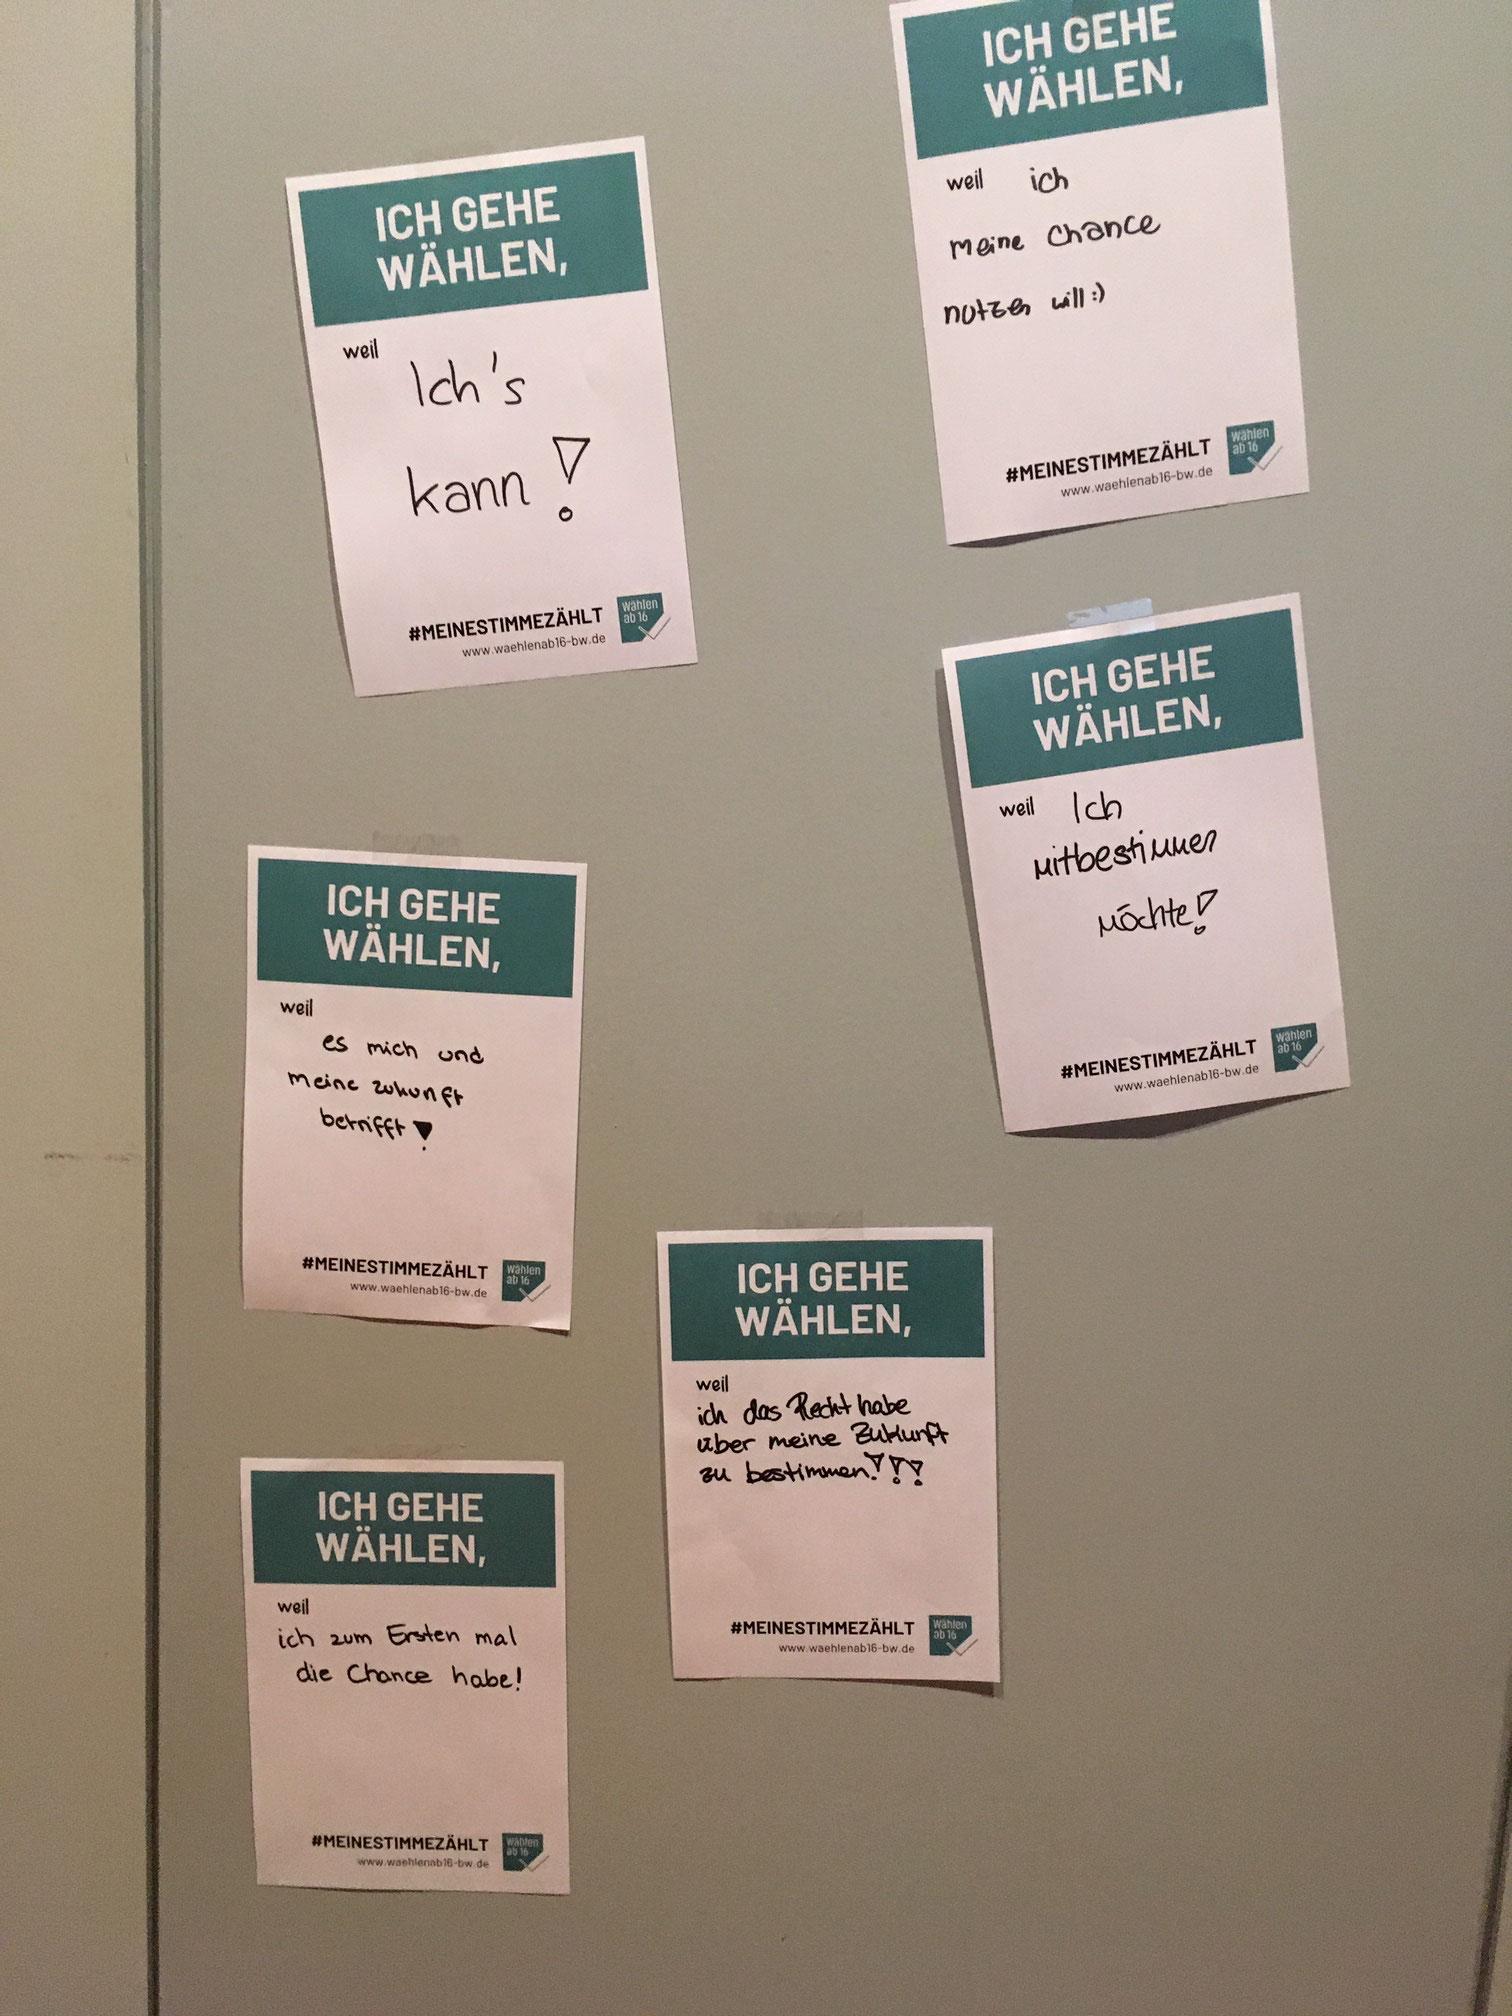 Die Teilnehmer konnten ihren Beweggrund zu wählen mitteilen und über den #MEINESTIMMEZÄHLT verbreiten